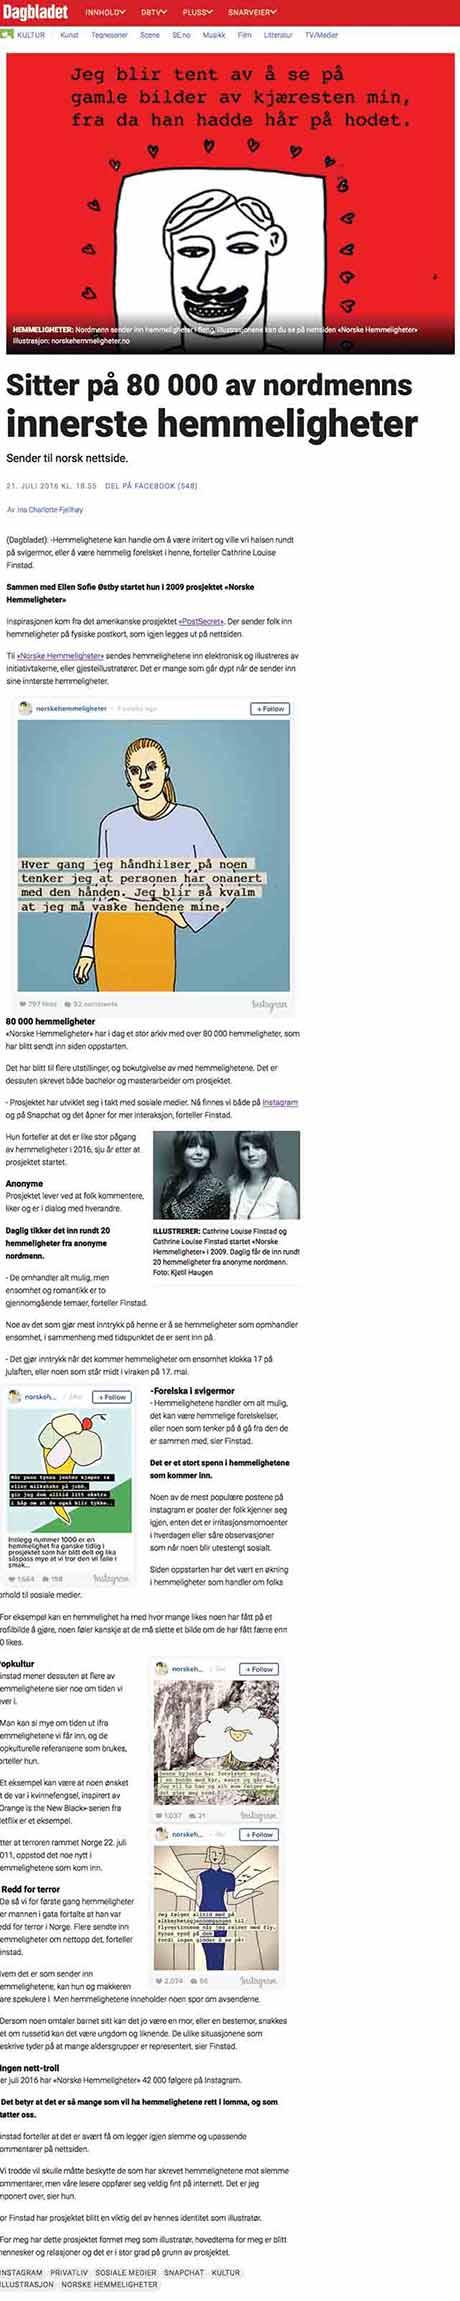 09b_dagbladet_norskehemmeligheter_foredragsholder_foredrag_desillustrert_illustrasjonsagent_illustrasjon_tekst_cathrine_louise_finstad